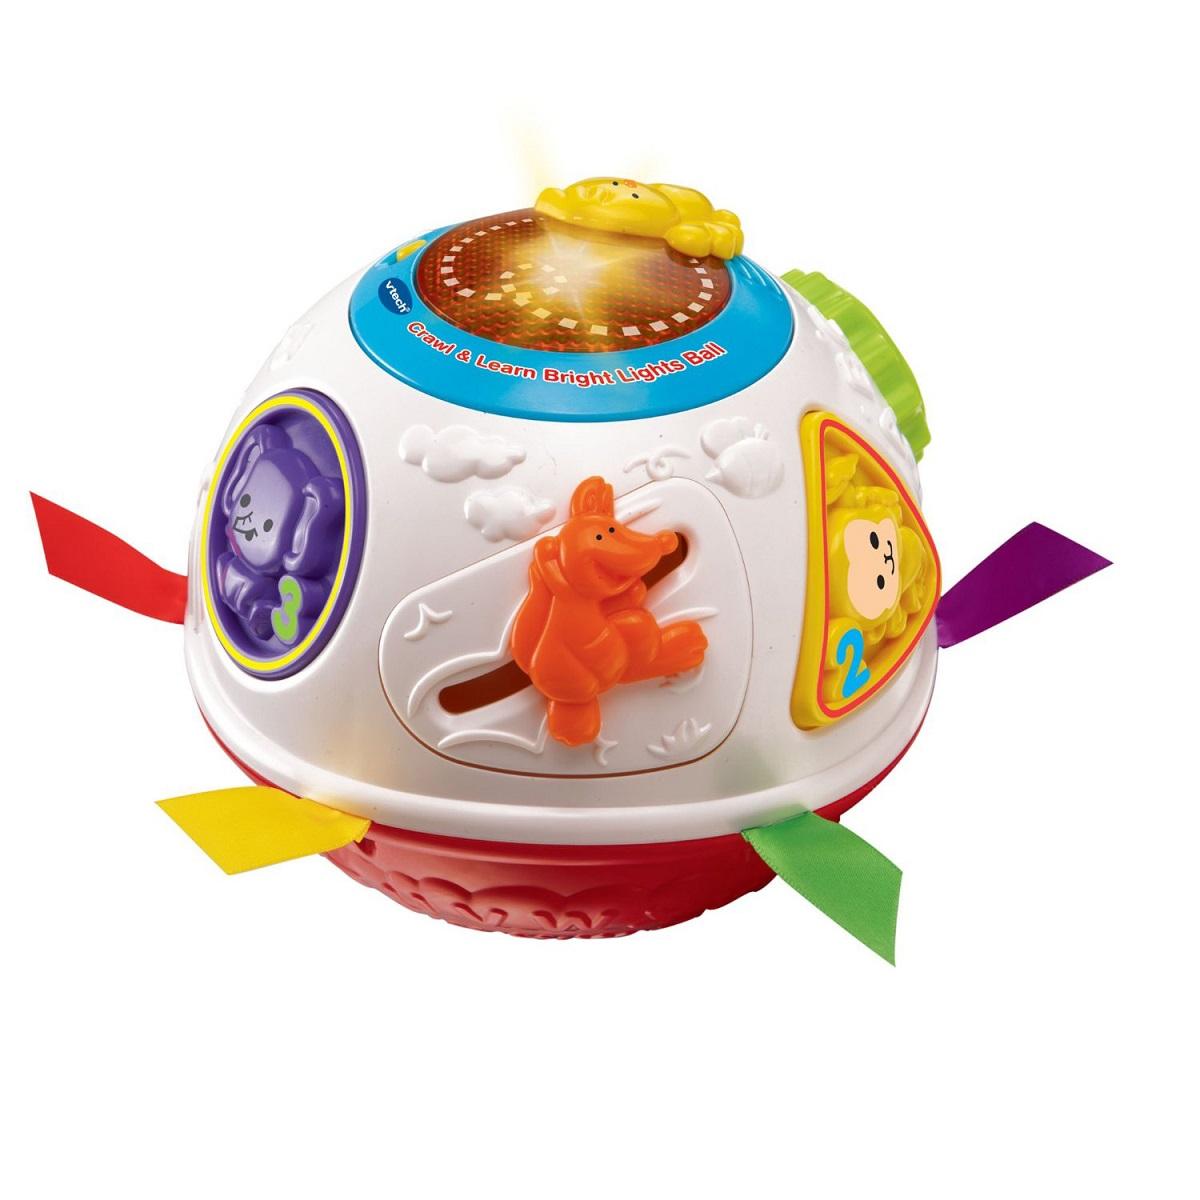 Купить Вращающийся и обучающий разноцветный мяч со световыми и звуковыми эффектами, Vtech